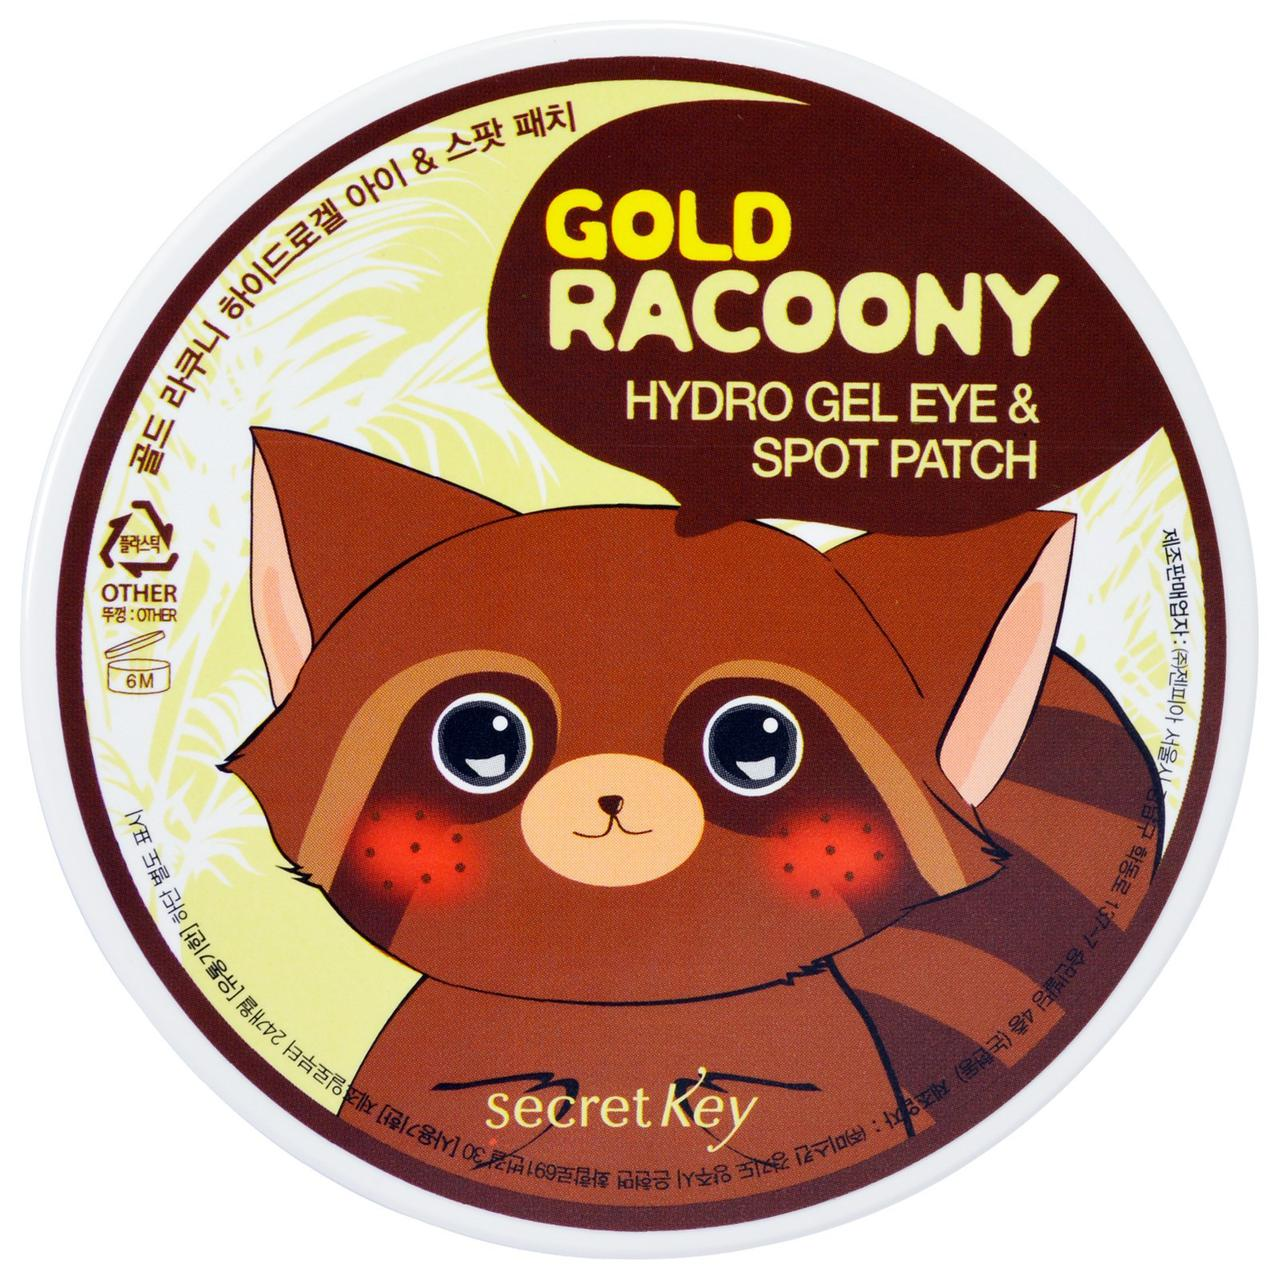 Патчи для век и проблемных участков кожи гидрогелевые Secret Key Gold Racoony Hydrogel Eye & Spot Patch - 90шт